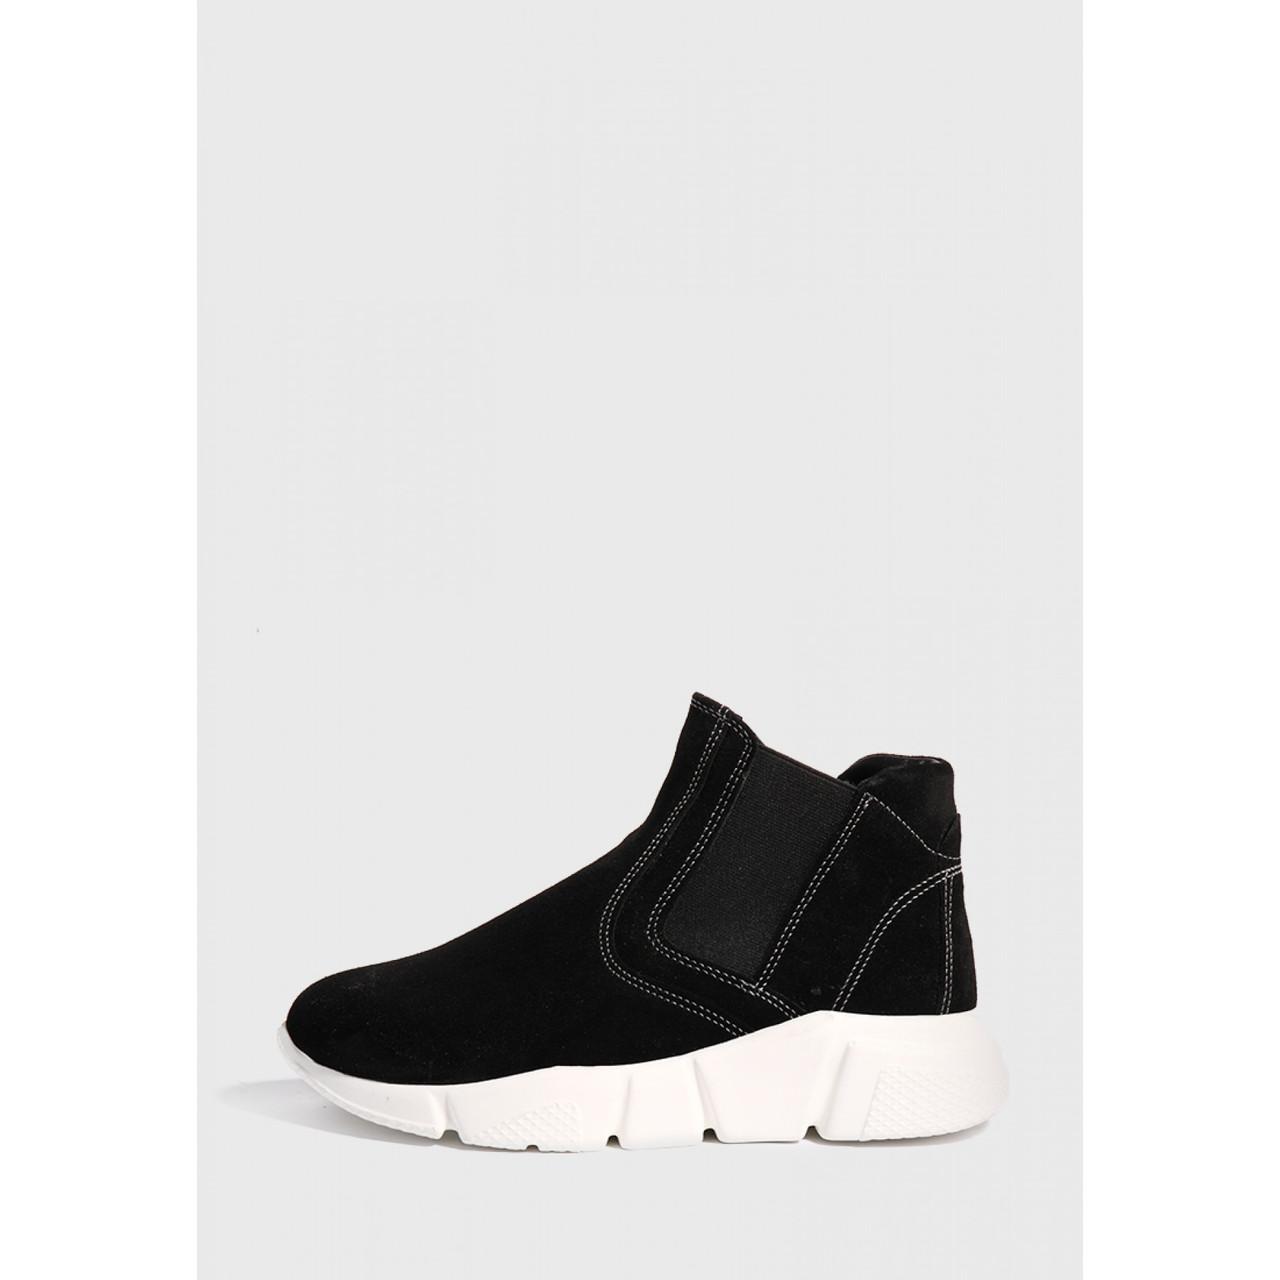 Жіночі замшеві черевики чорного кольору